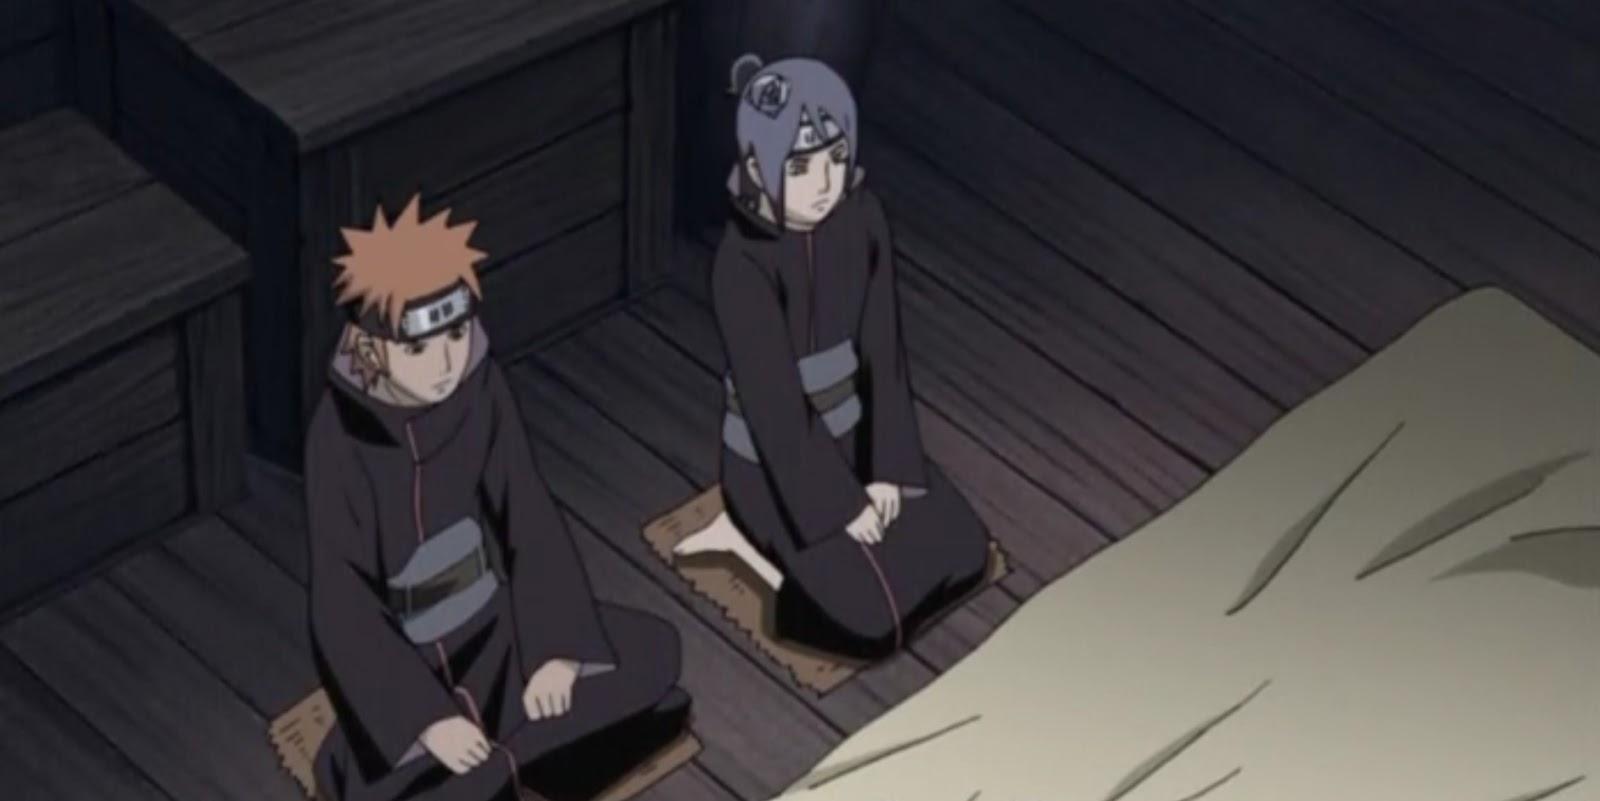 Naruto Shippuden Episódio 347, Assistir Naruto Shippuden Episódio 347, Assistir Naruto Shippuden Todos os Episódios Legendado, Naruto Shippuden episódio 347,HD